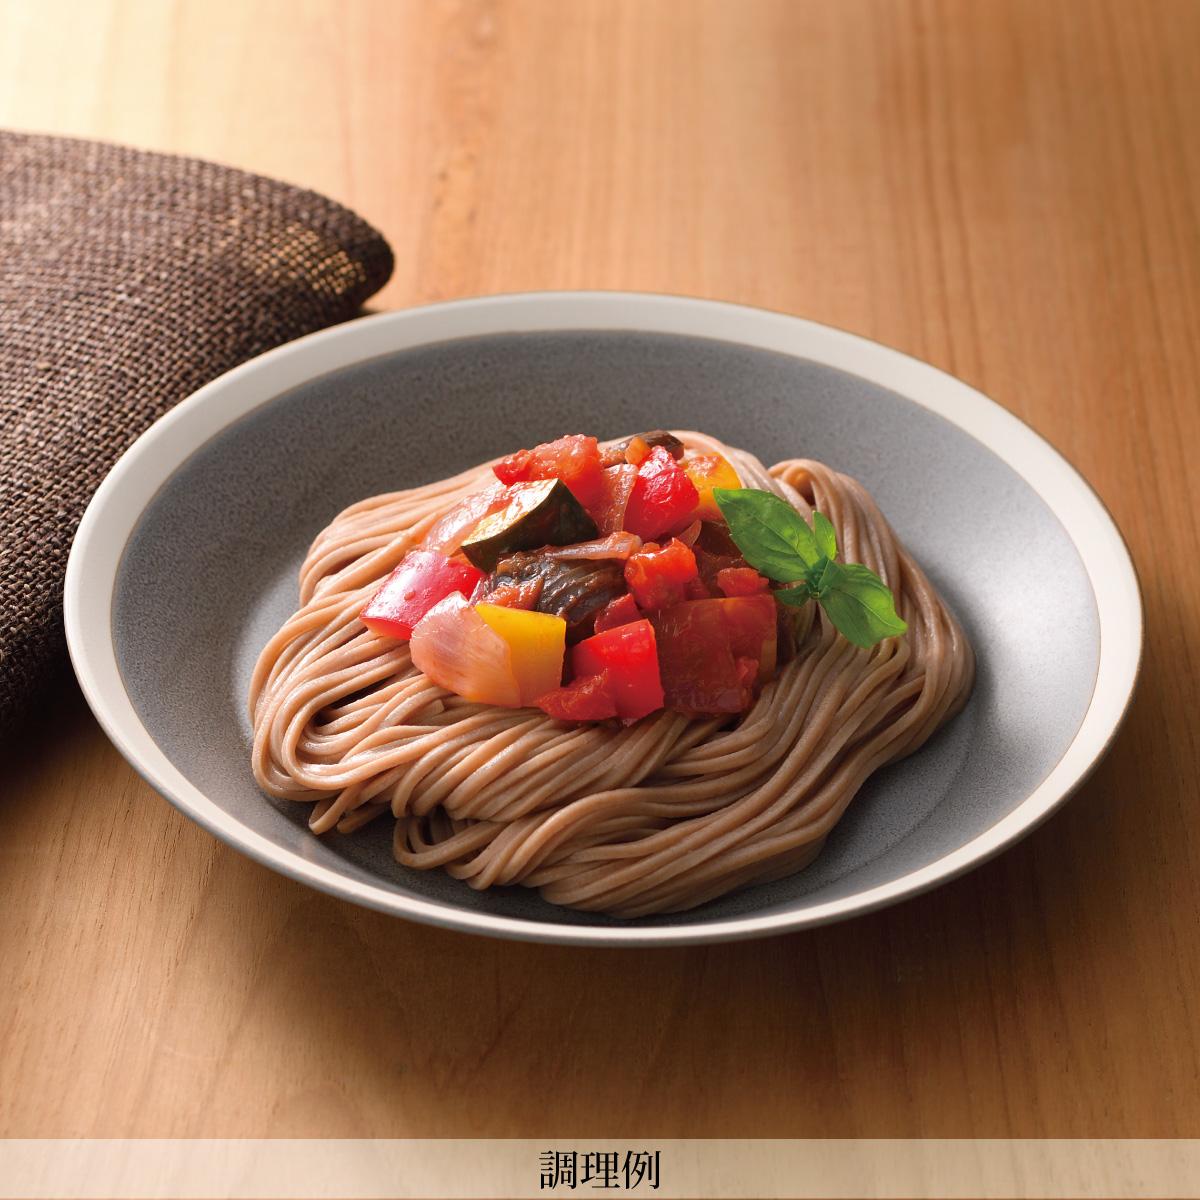 国産小麦をまるごと使った食物繊維たっぷり細うどん(6袋)MUG-6【送料込※】